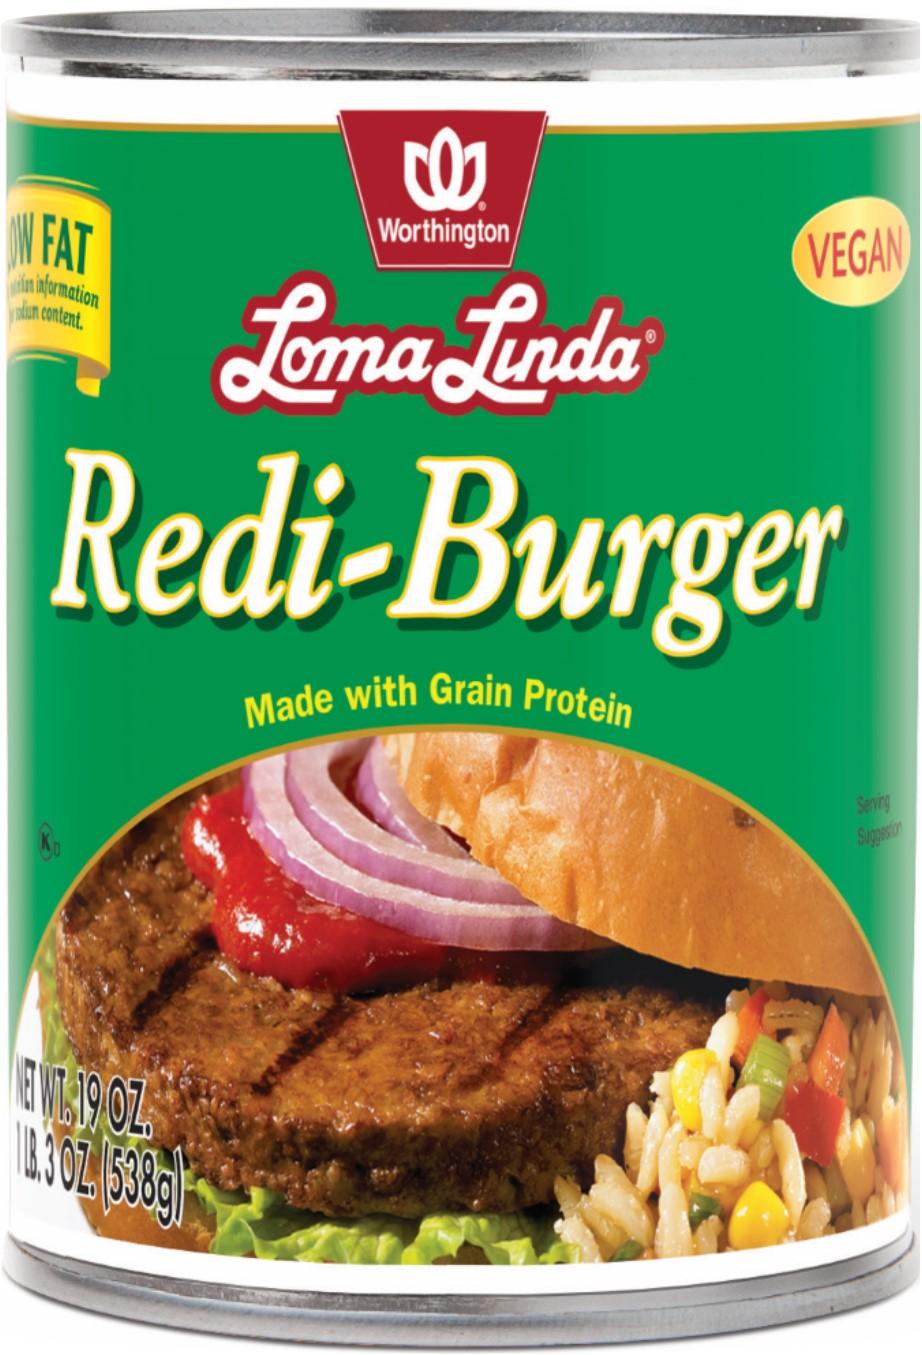 REDI BURGER LOW FAT,LOMA LINDA LF,00056